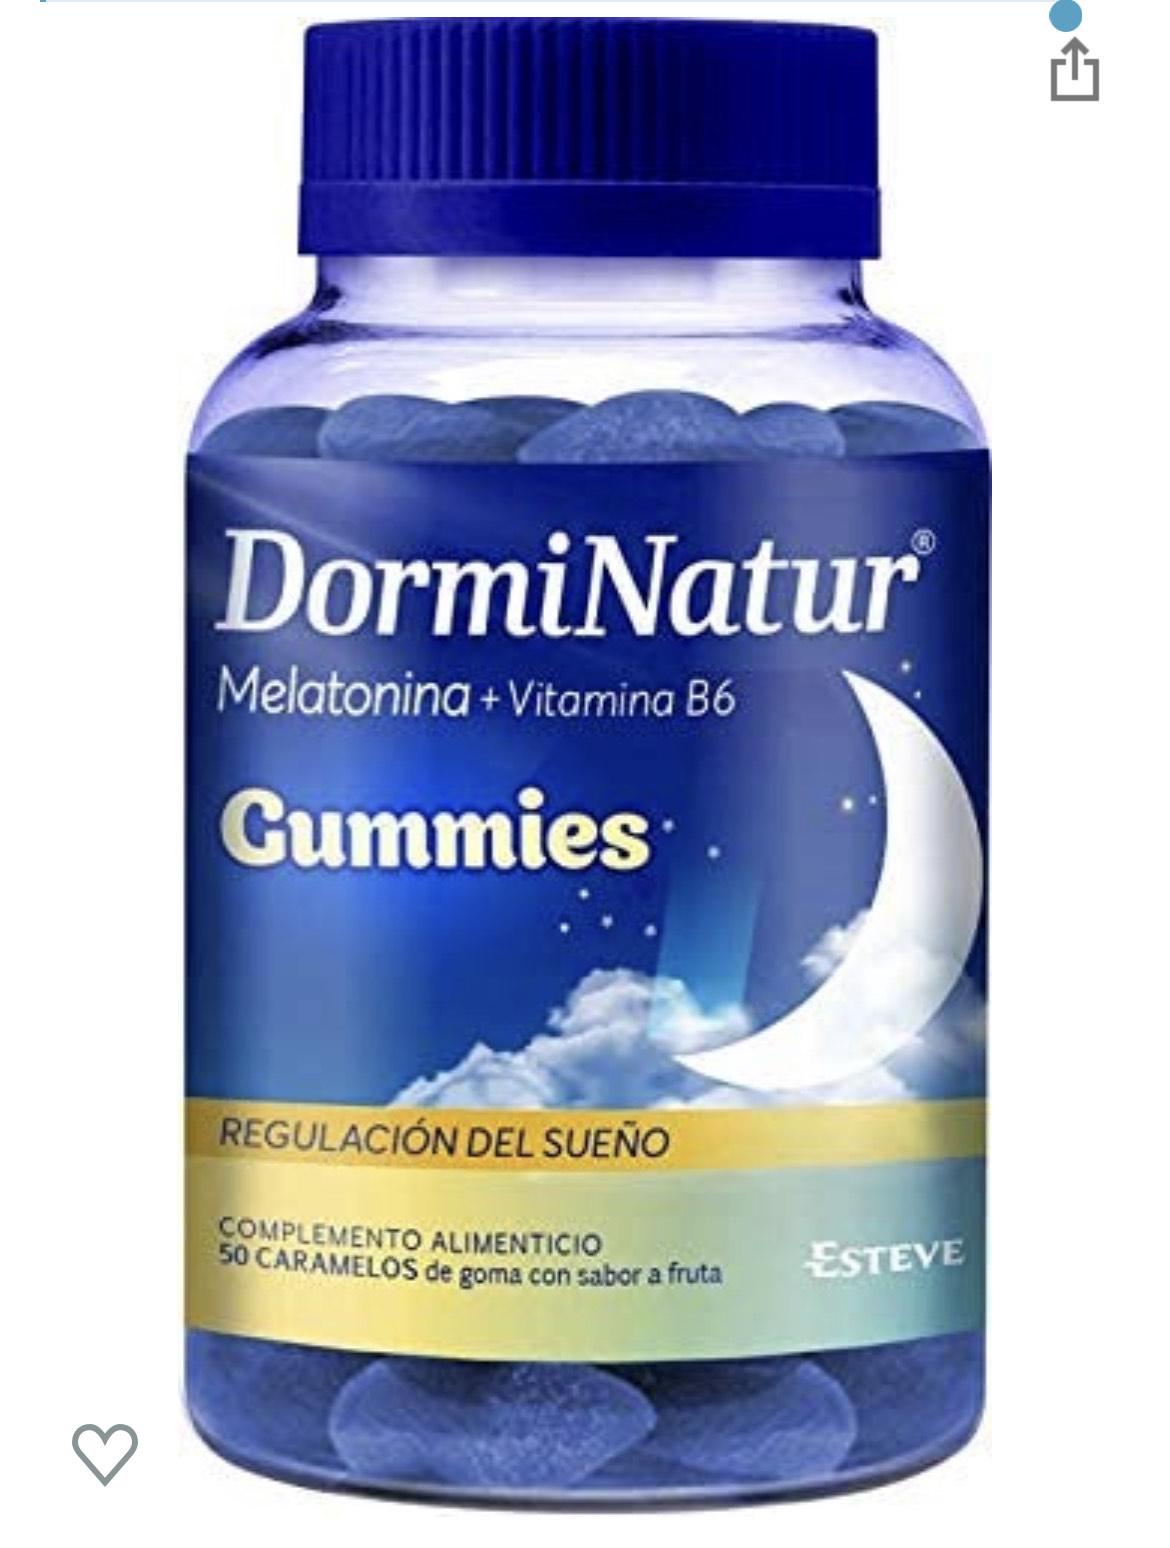 Dorminatur gummies Dorminatur,